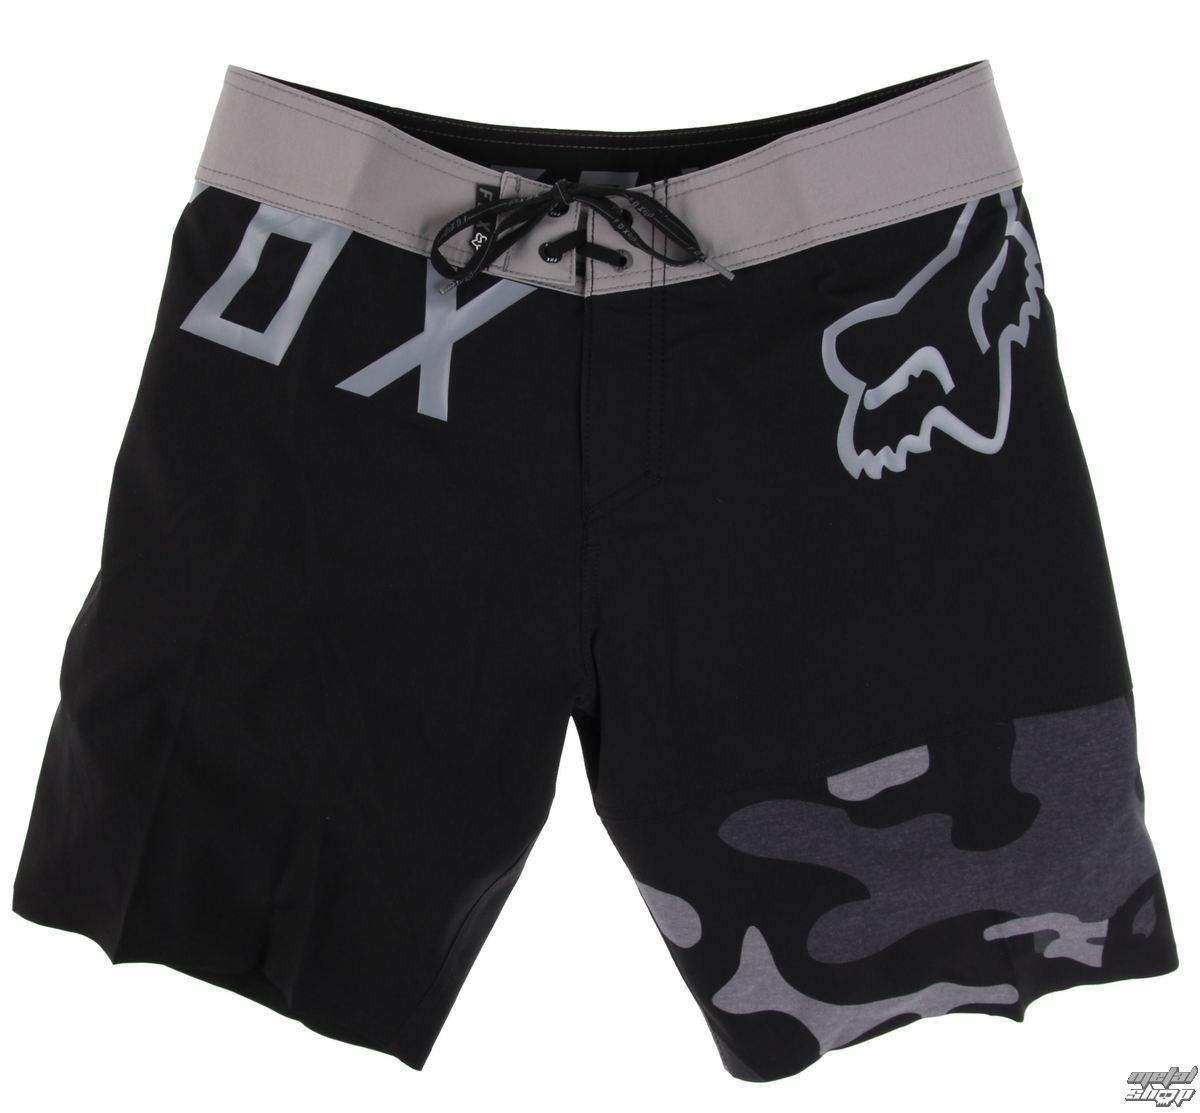 Costumi da bagno uomini pantaloncini fox flight moth camo 19958 027 metal - Uomini in costume da bagno ...